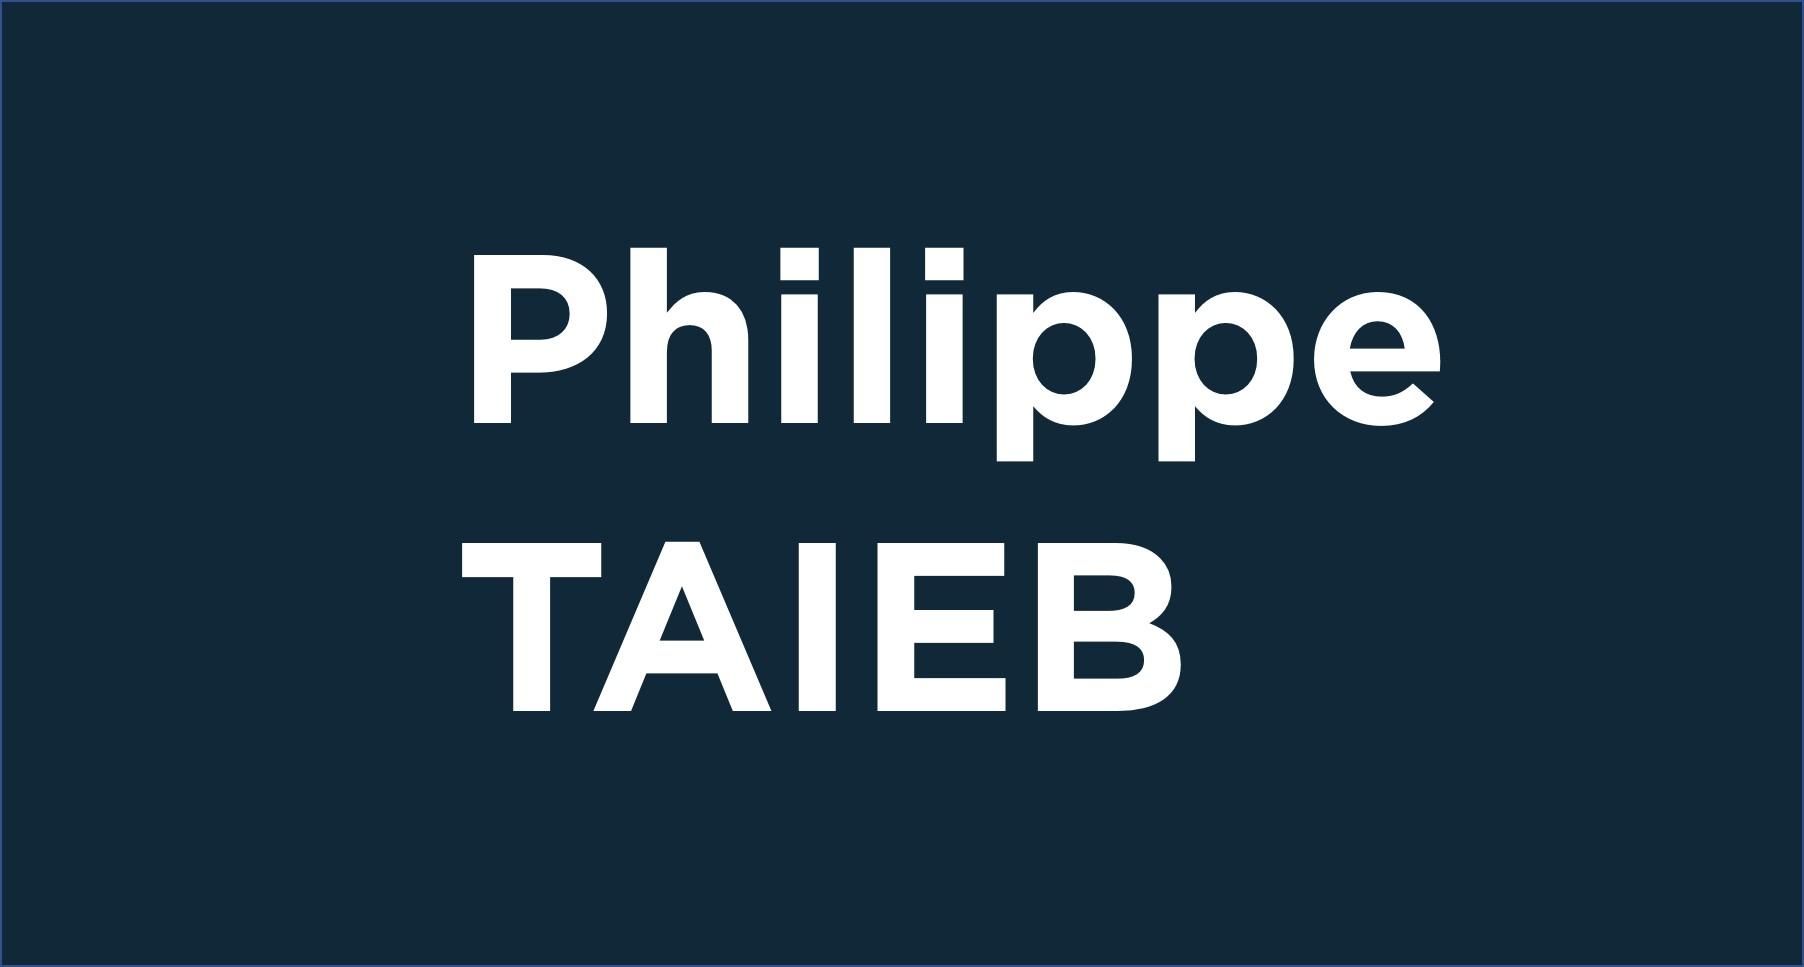 Philippe Taeib